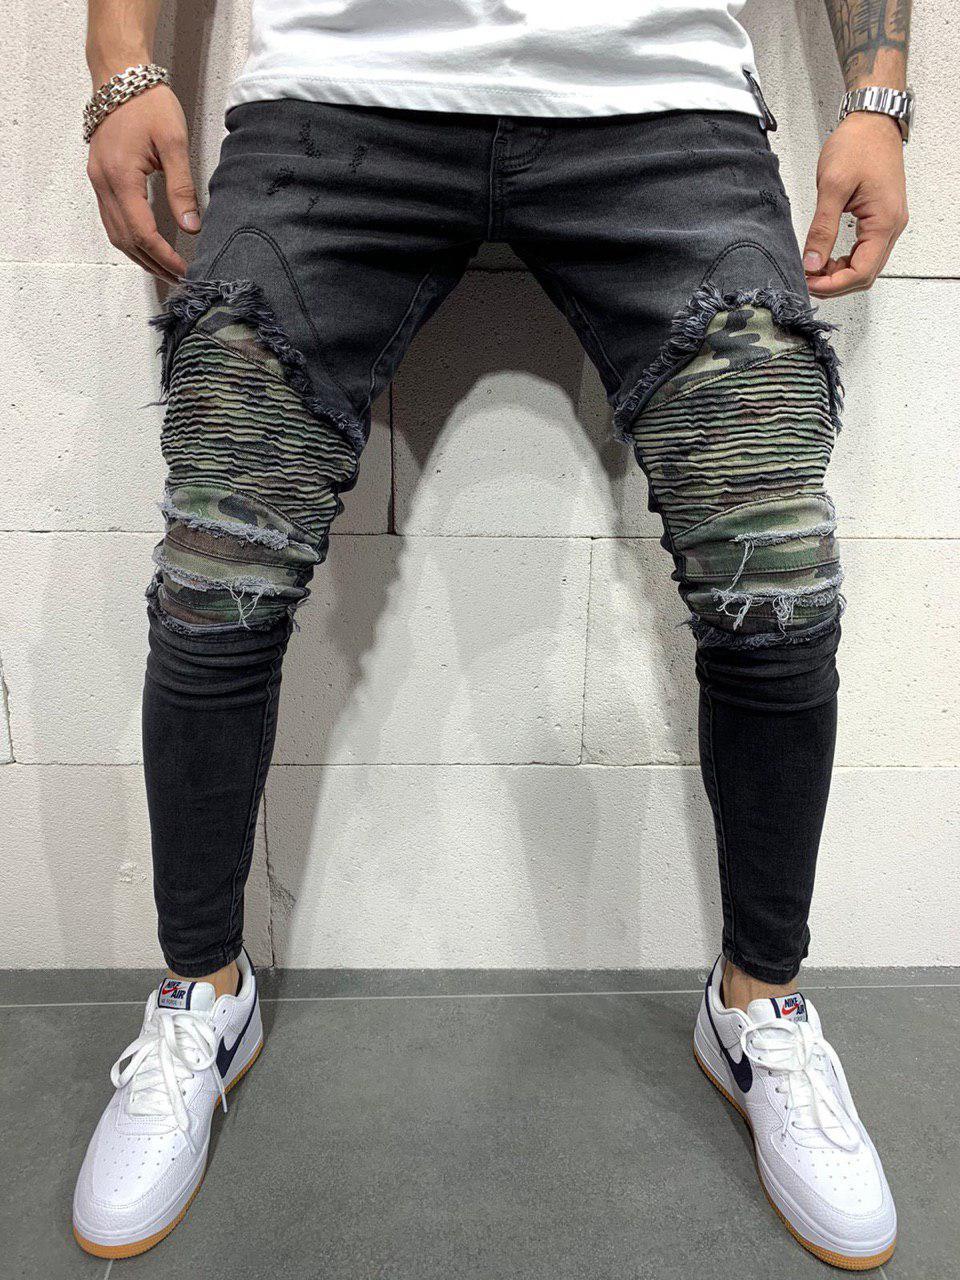 Джинсы мужские чёрные рваные с камуфляжными заплатками